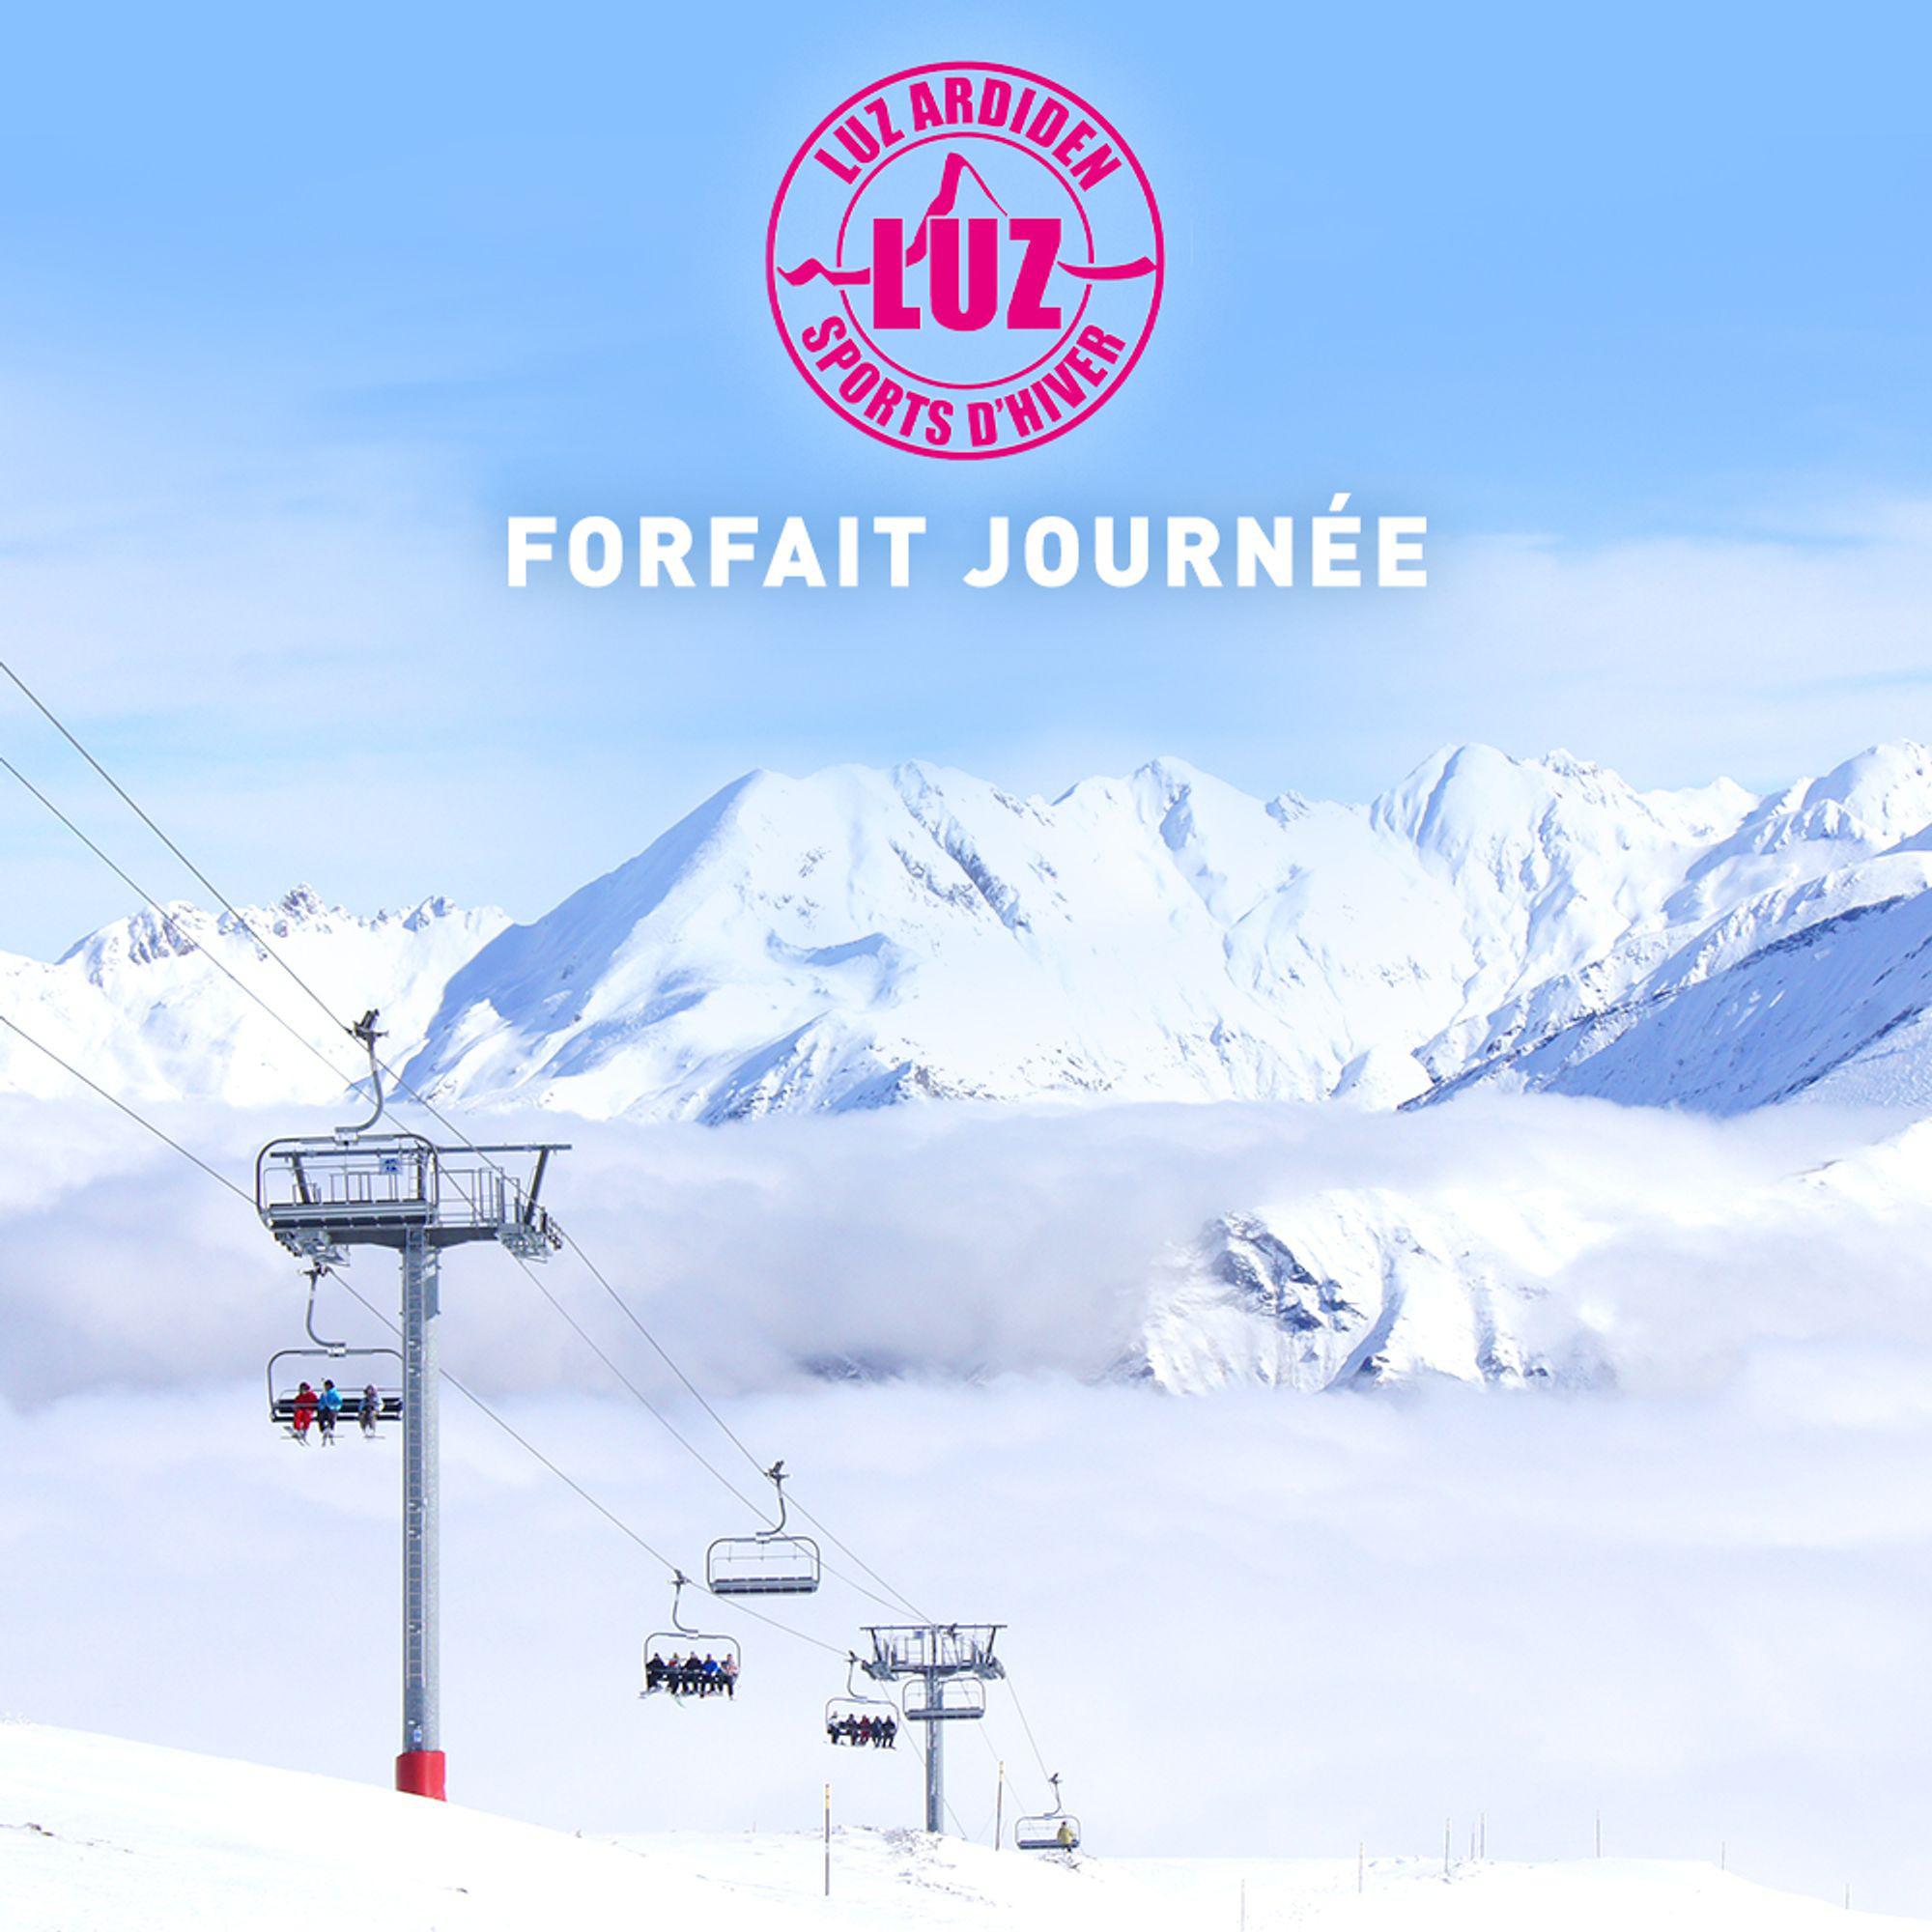 Sélection de Forfaits de ski dans les Pyrénées - Ex: Forfait journée Enfant Luz Ardiden (Valable toute la saison)